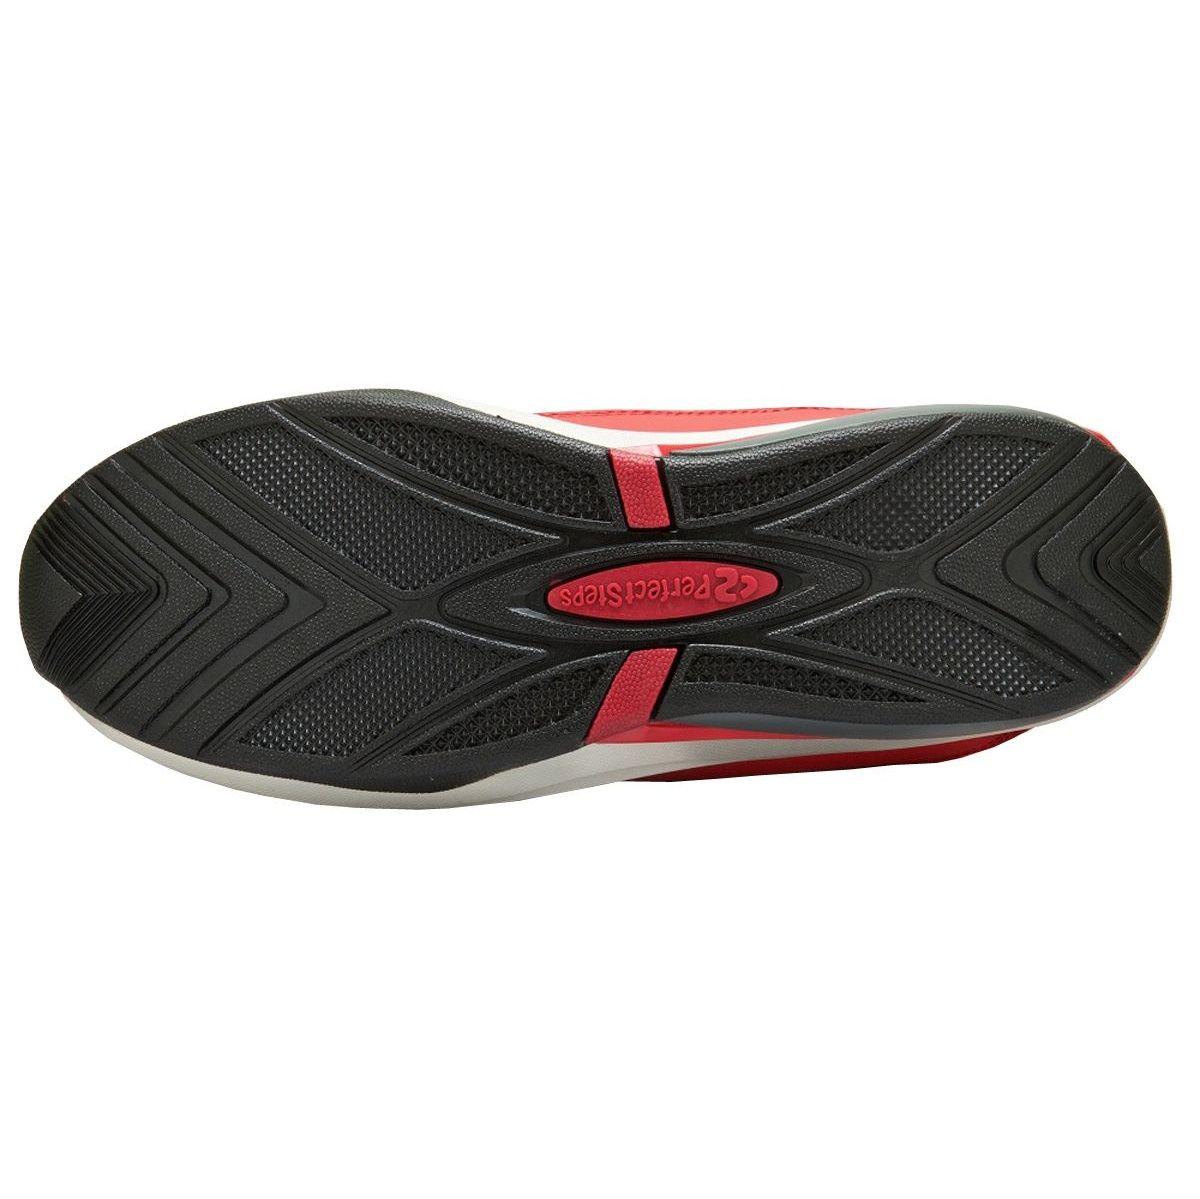 کفش مخصوص پیاده روی مردانه پرفکت استپس مدل آرمیس رنگ قرمز main 1 4